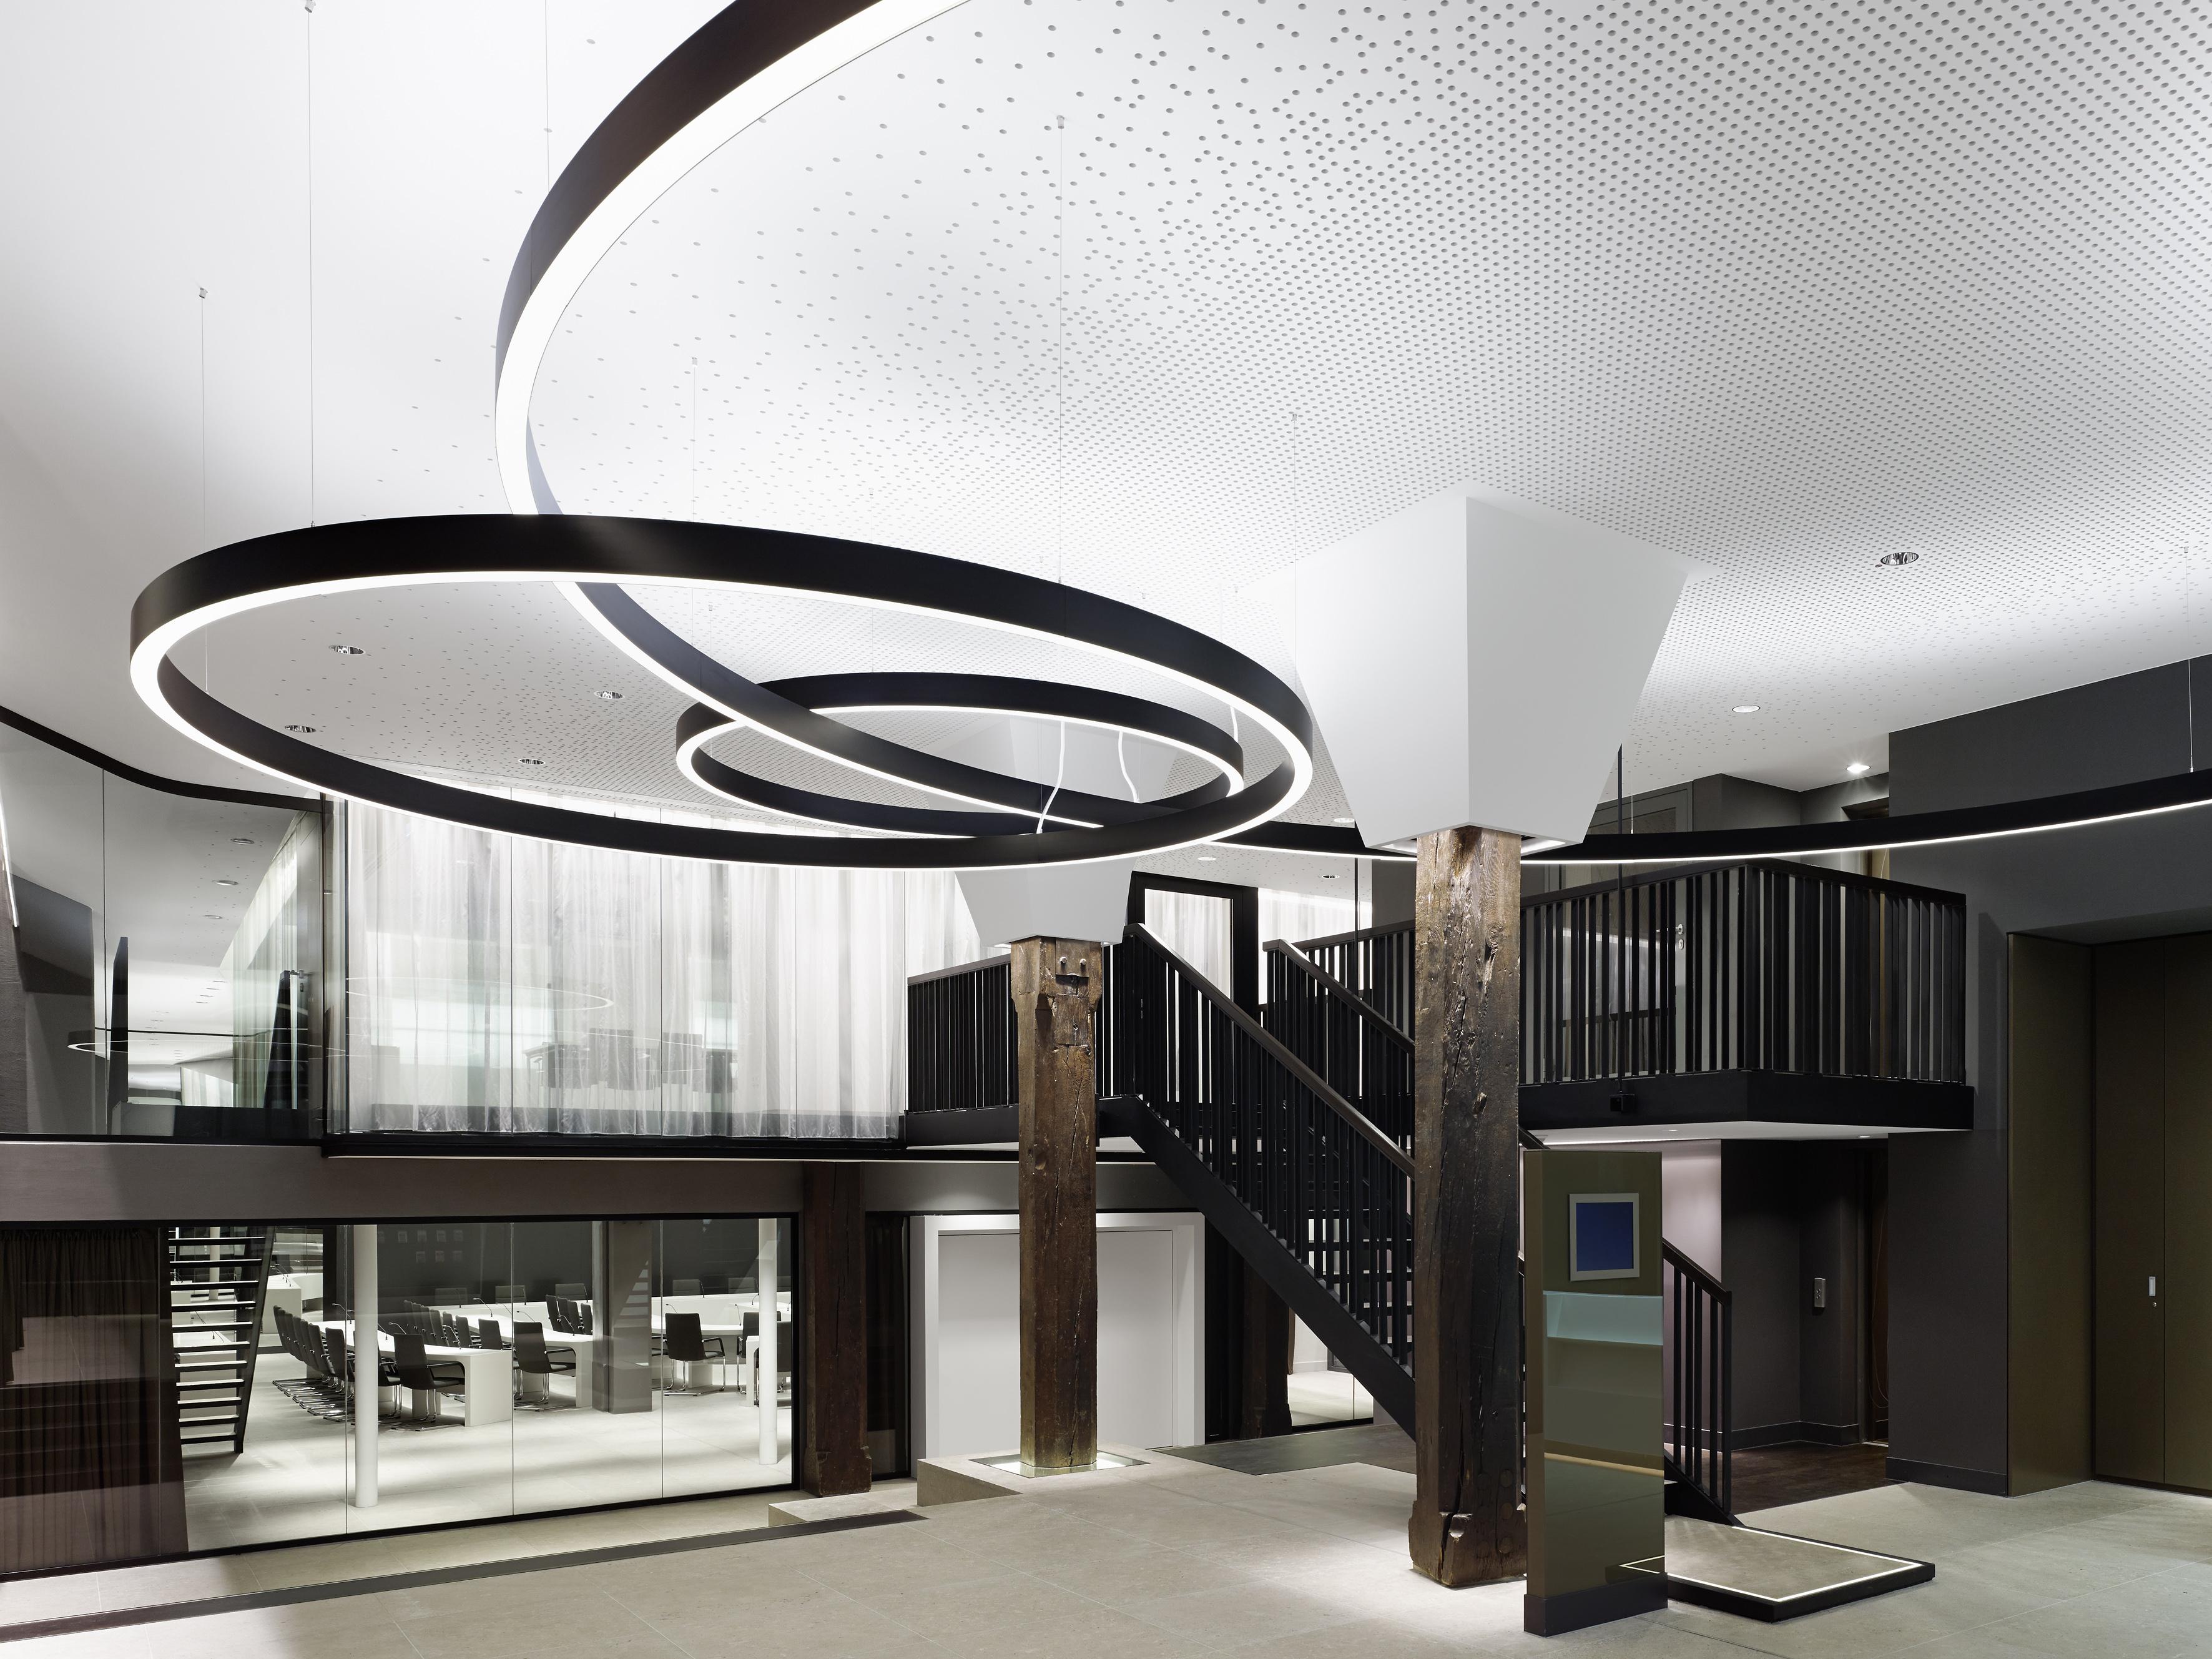 vom ladenbau zum baudienstleister architektur online. Black Bedroom Furniture Sets. Home Design Ideas